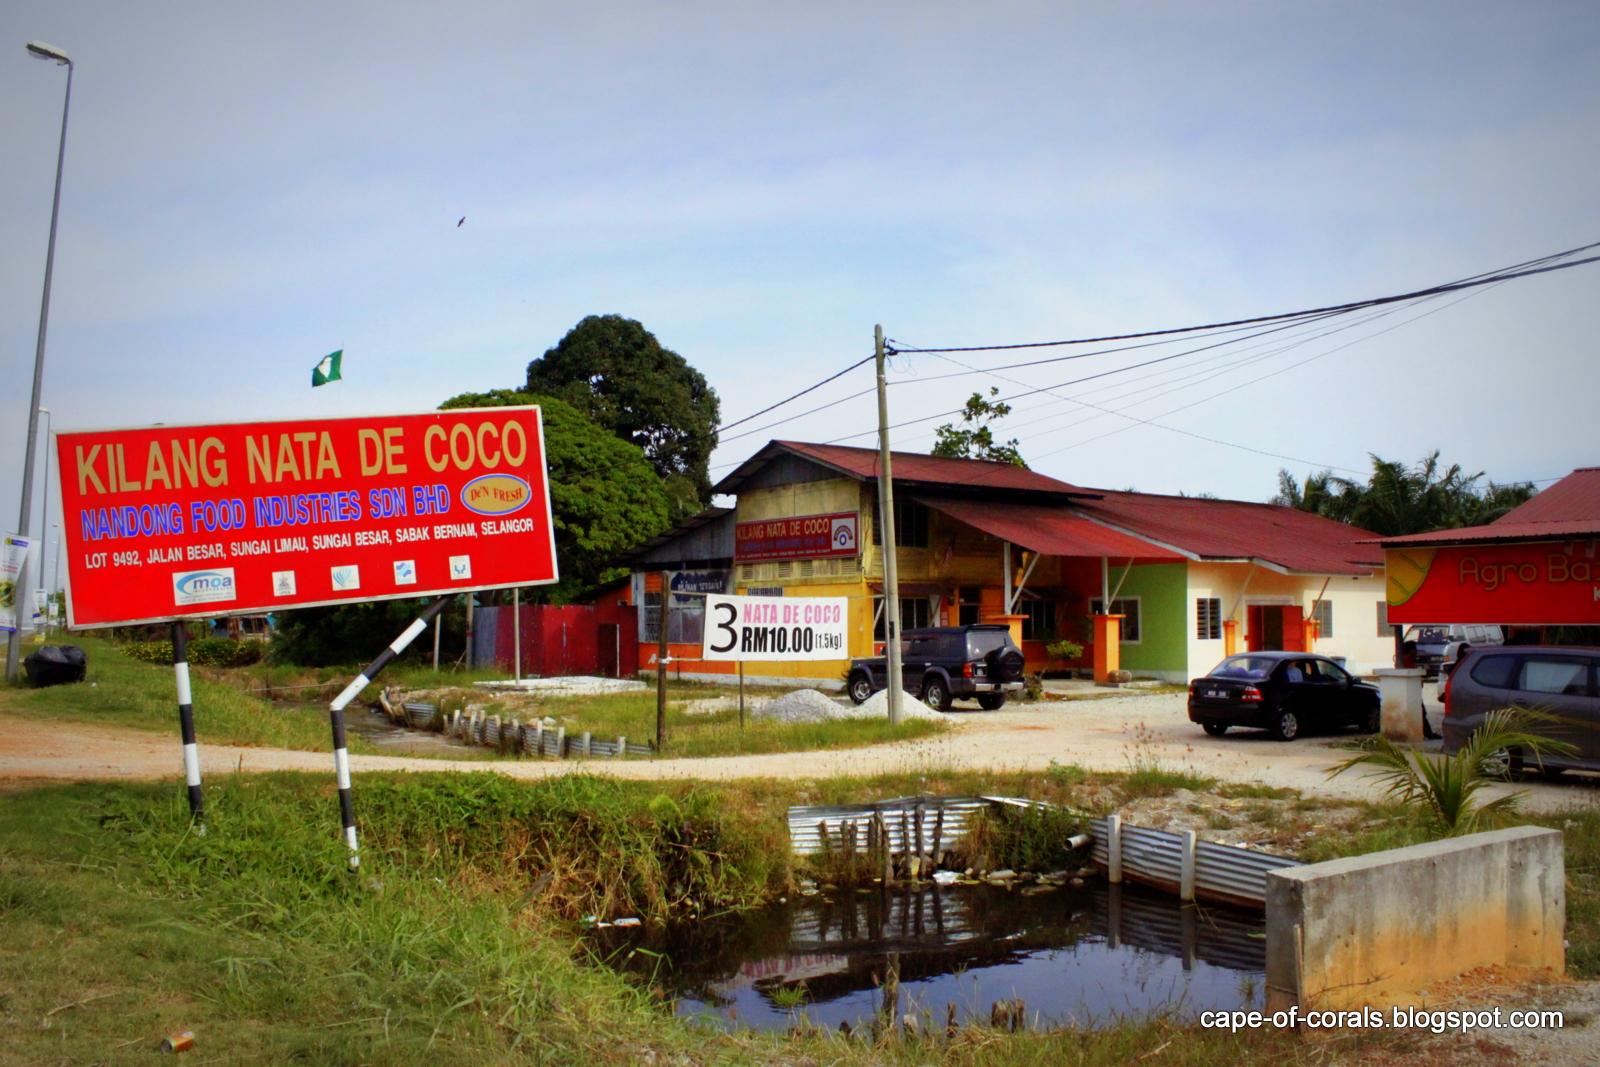 cape of corals nata de coco factory in selangor homestay